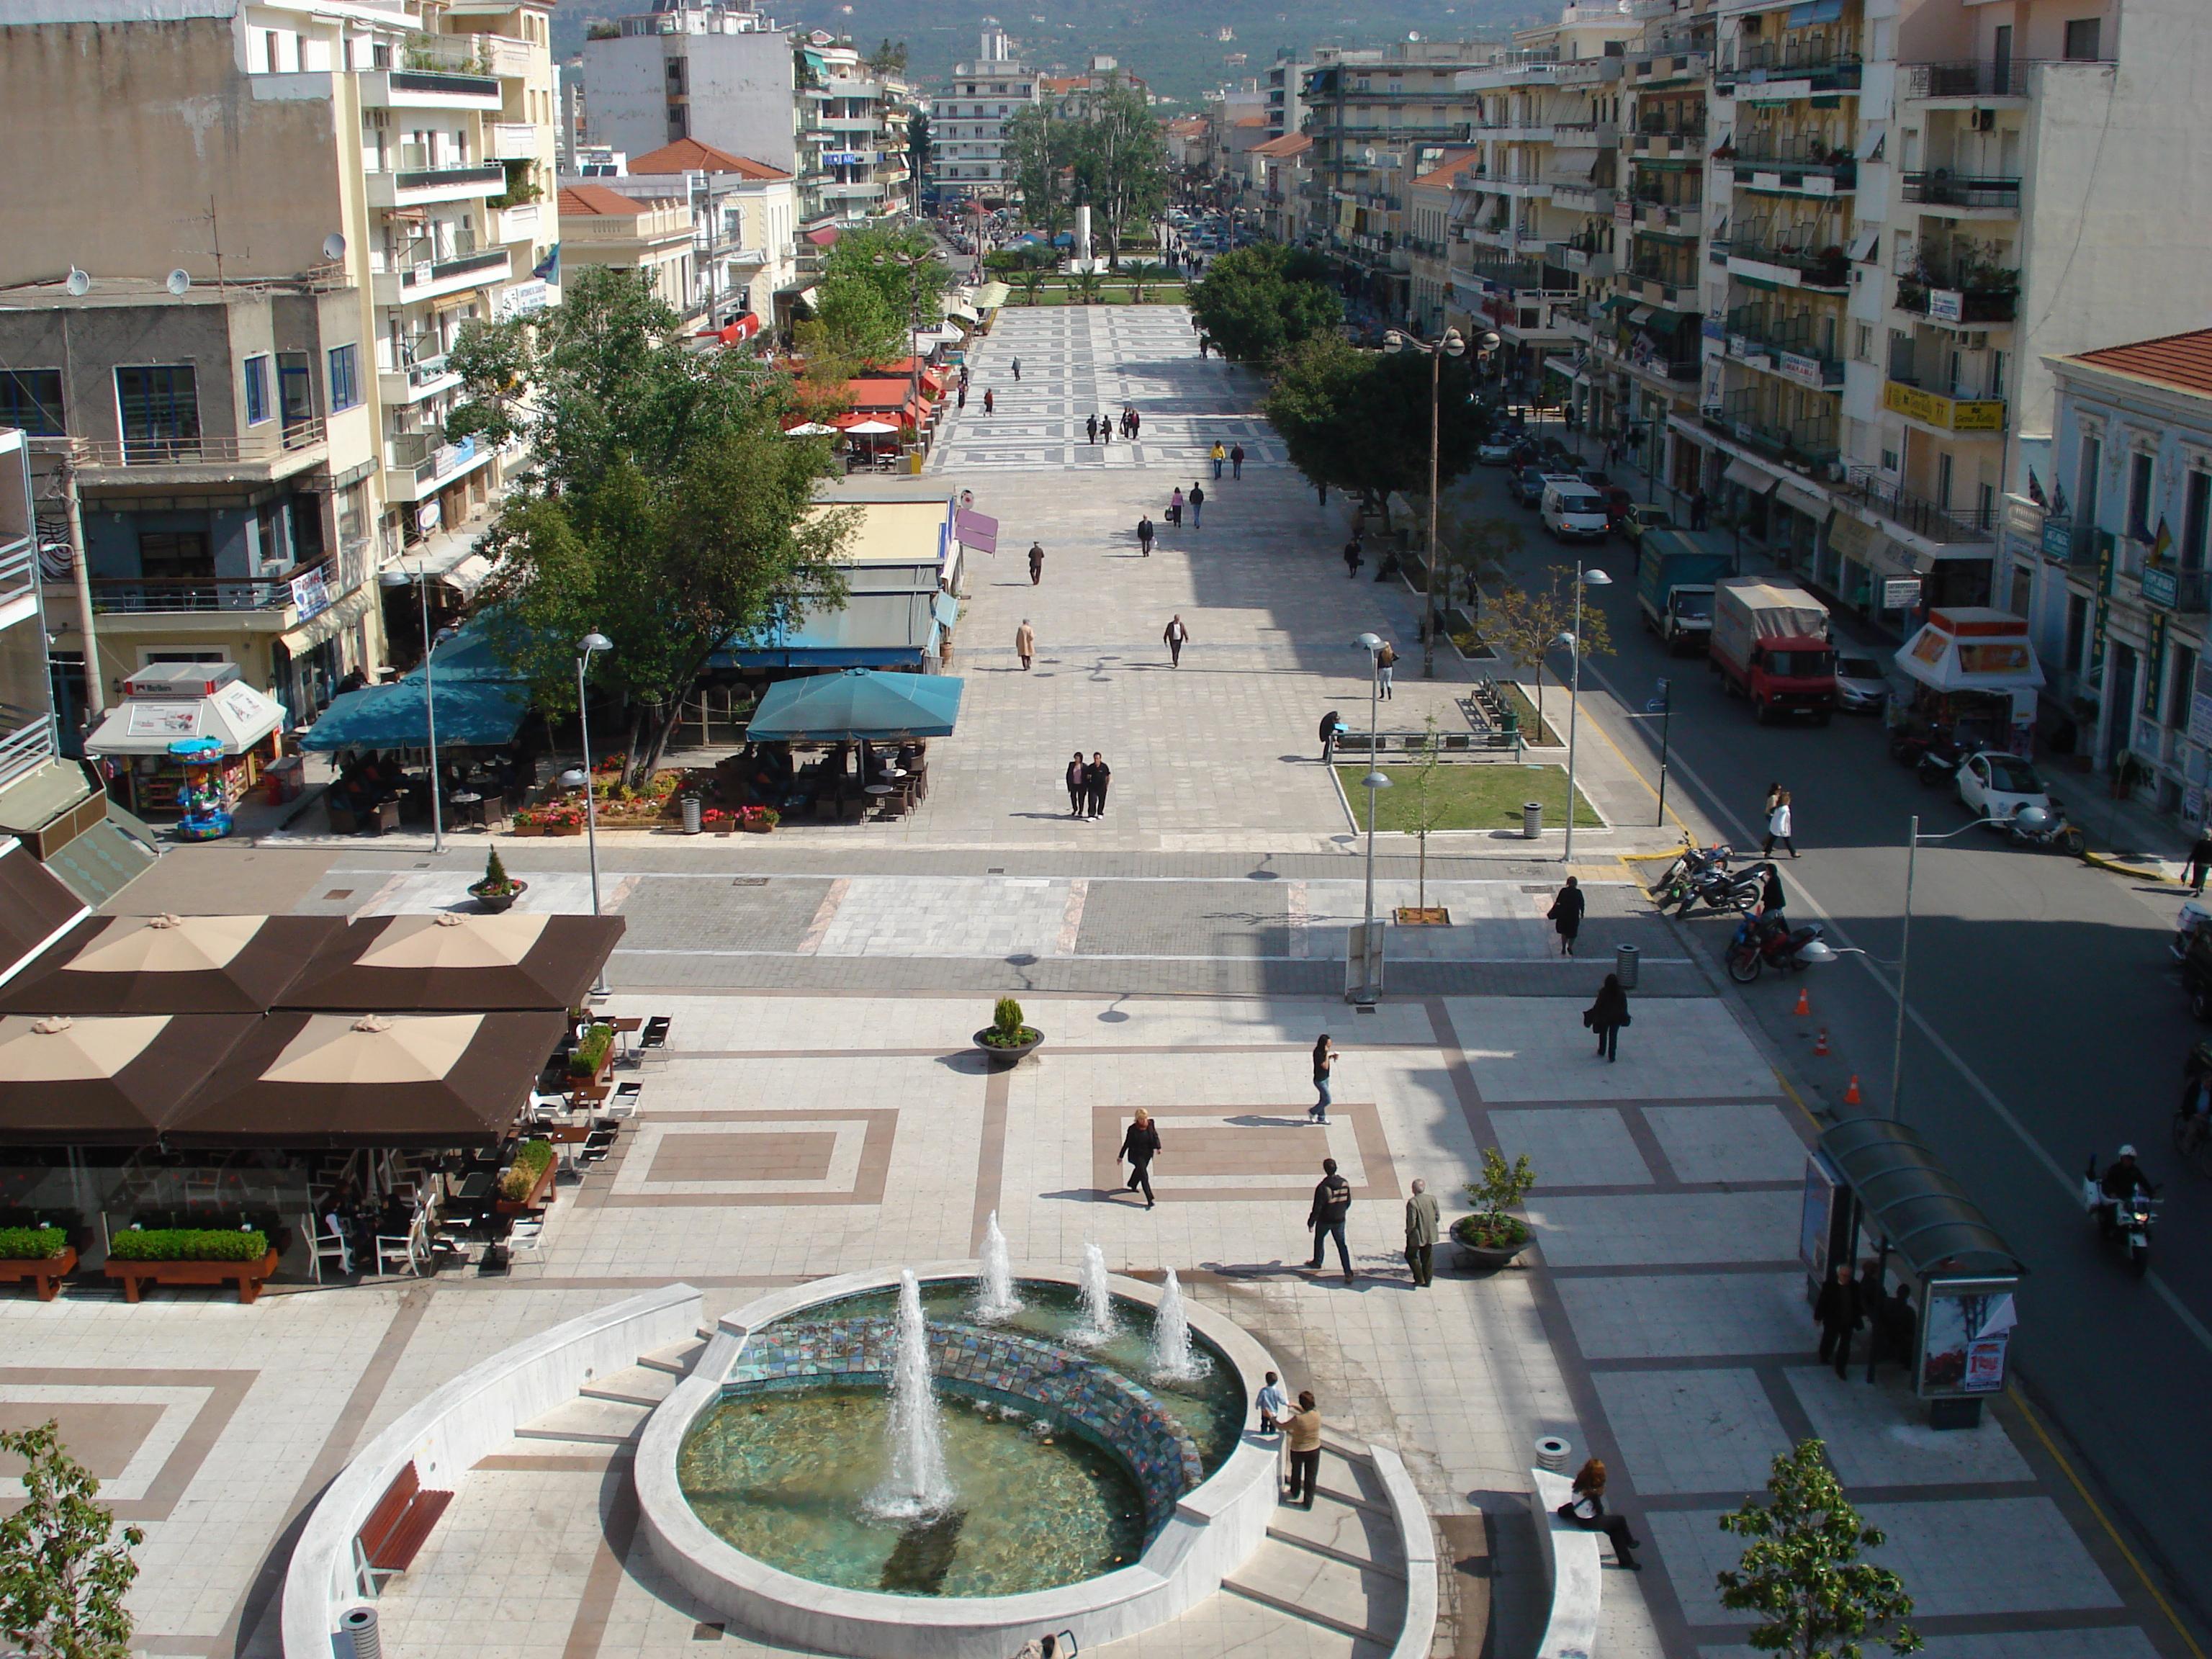 Туристическая улица с магазинами и ресторанами